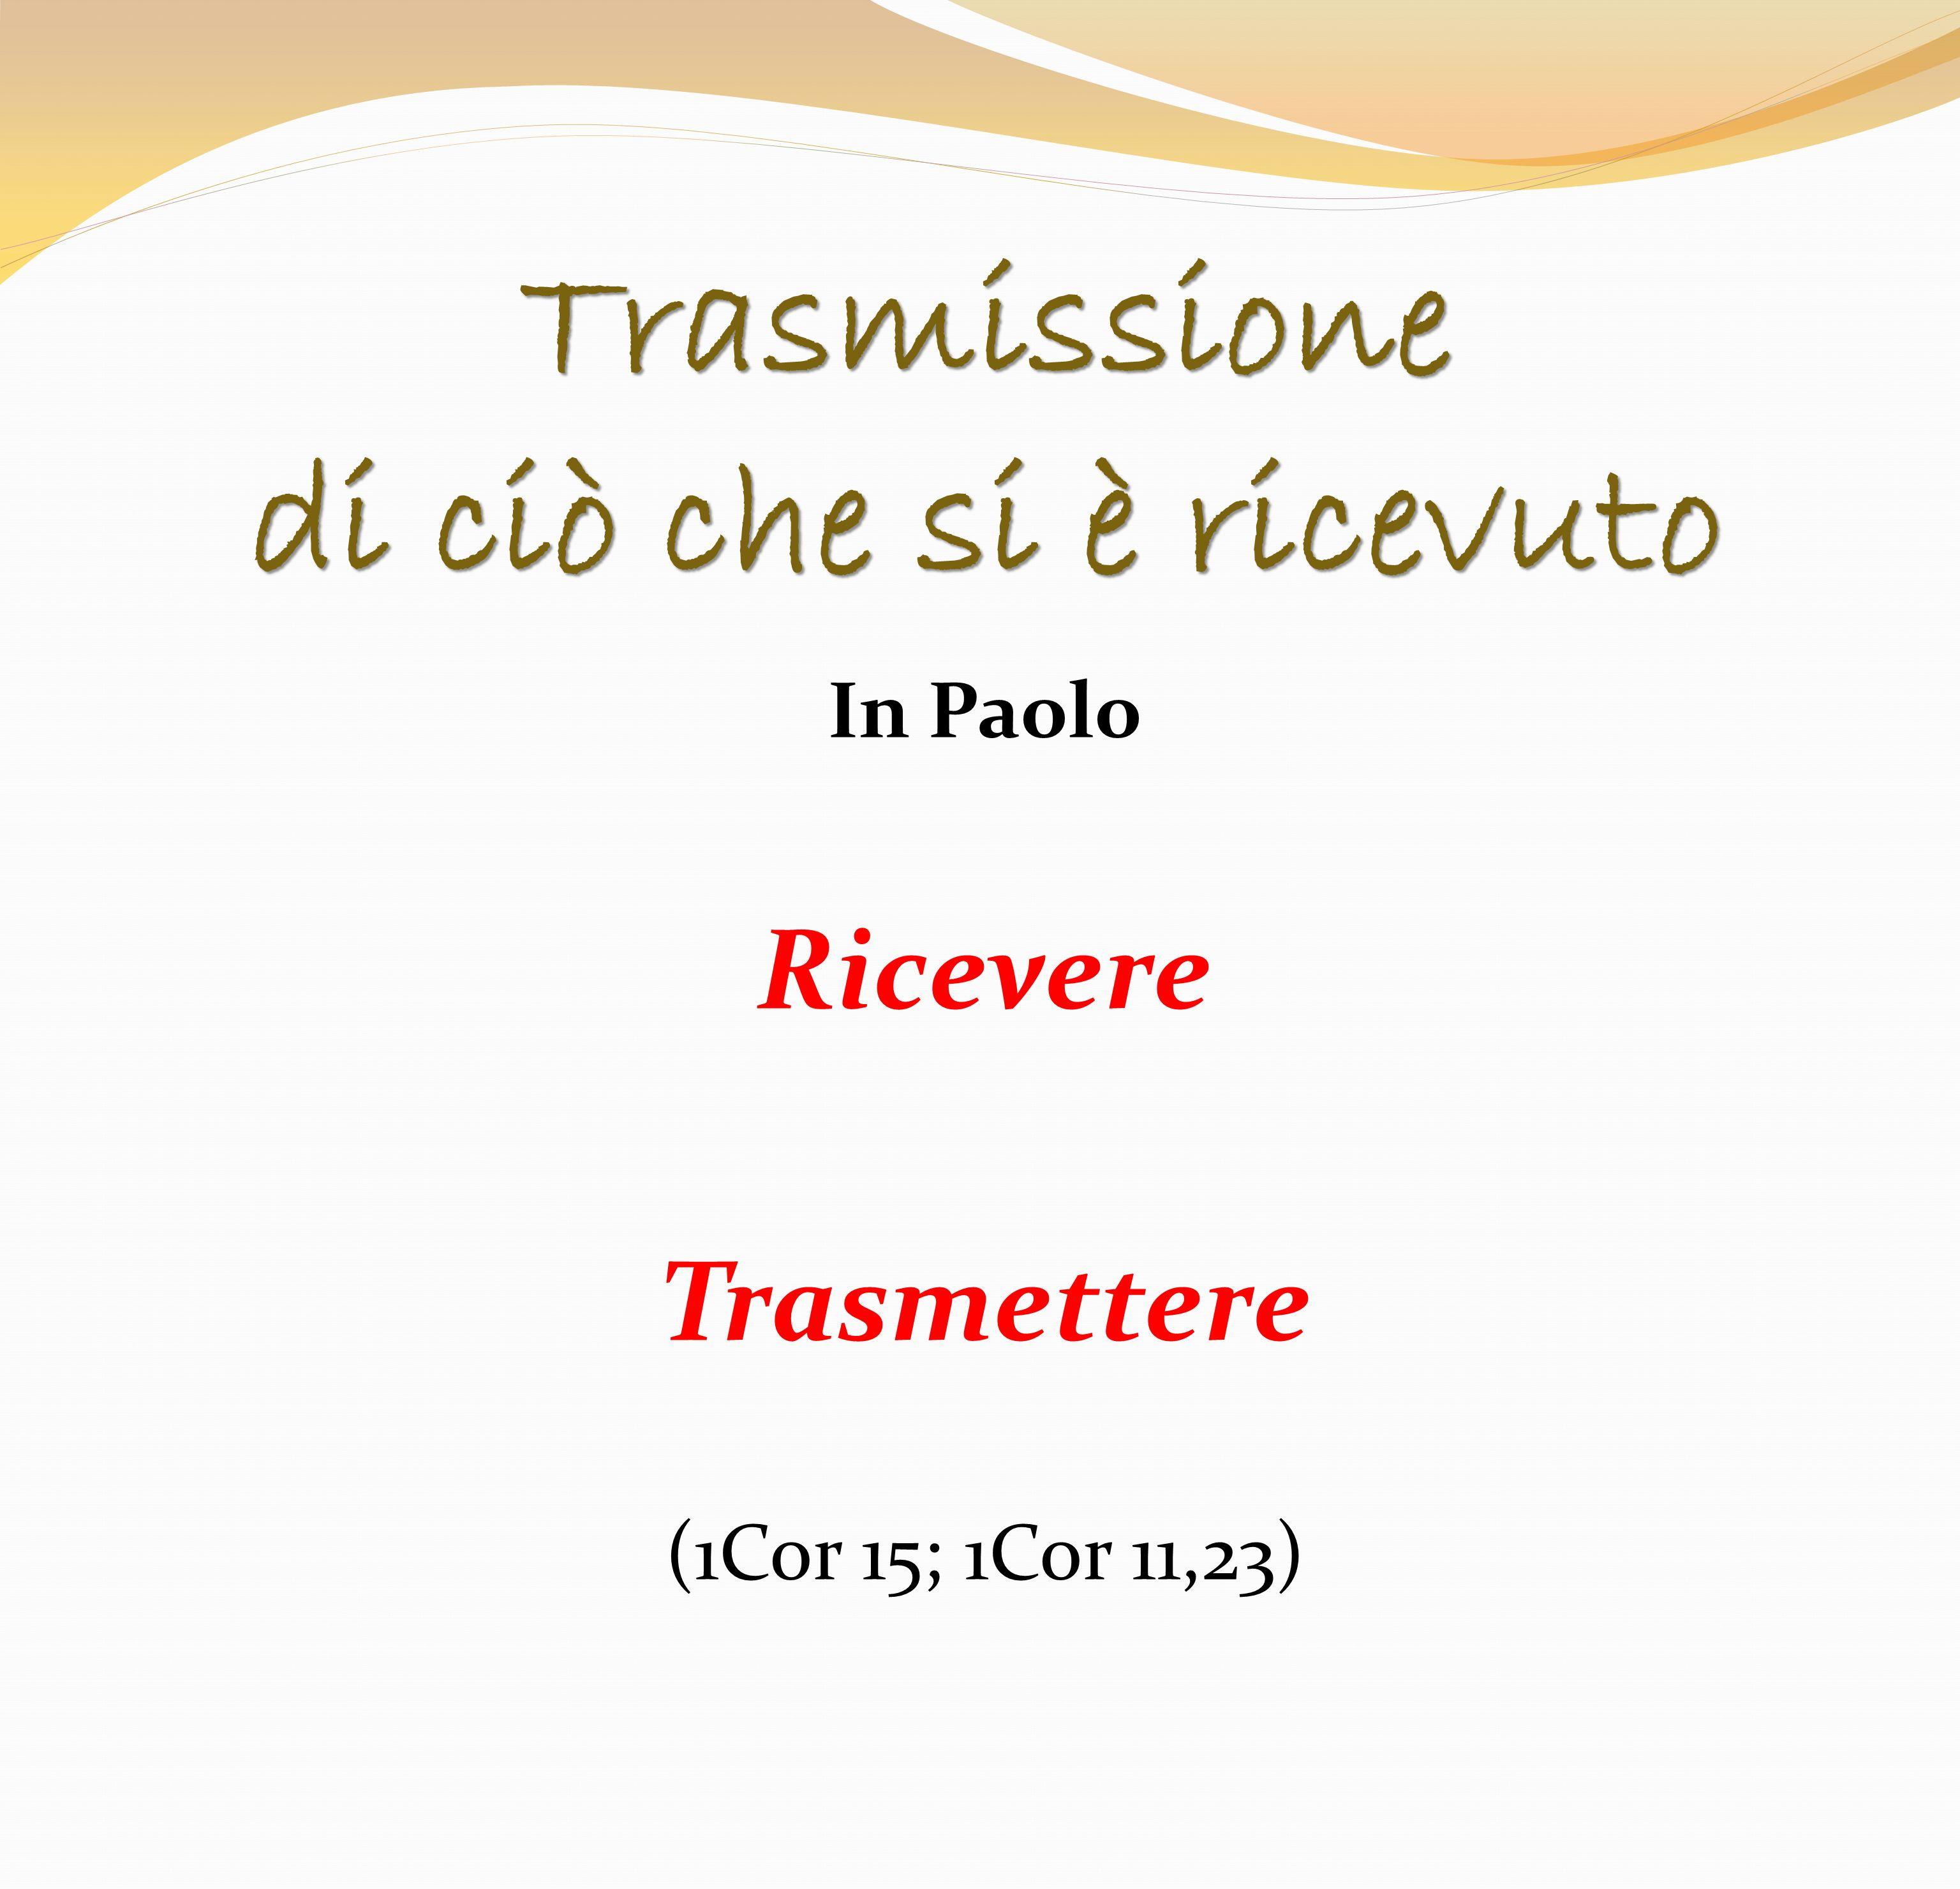 Trasmissione di ciò che si è ricevuto In Paolo Ricevere Trasmettere (1Cor 15; 1Cor 11,23)